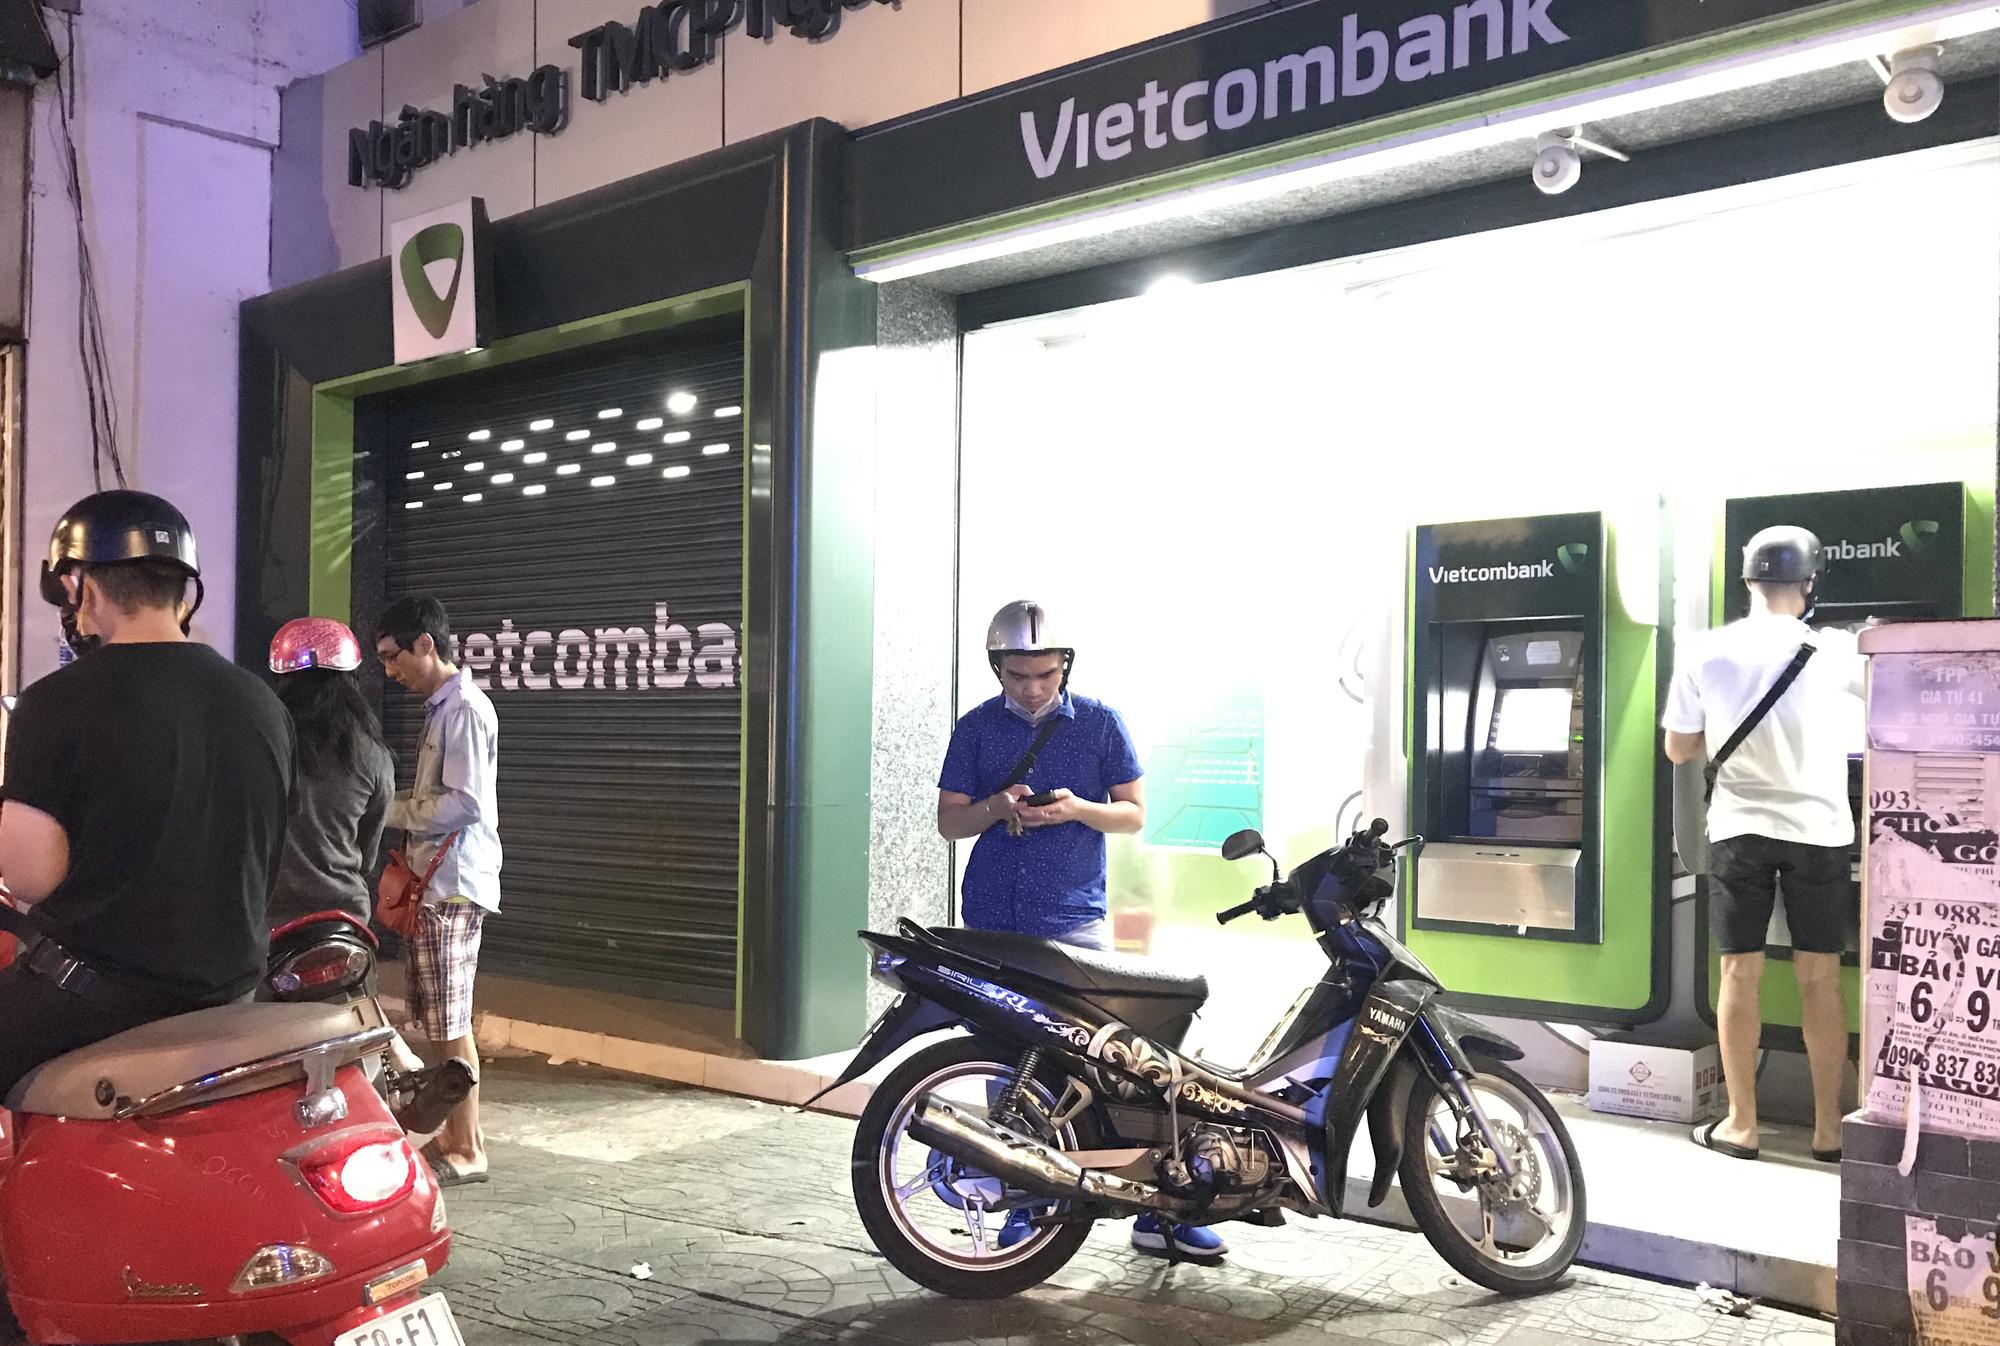 ATM tại Sài Gòn đồng loạt nghỉ Tết, chạy cả đêm vẫn không rút được tiền lương, thưởng để về quê - Ảnh 1.